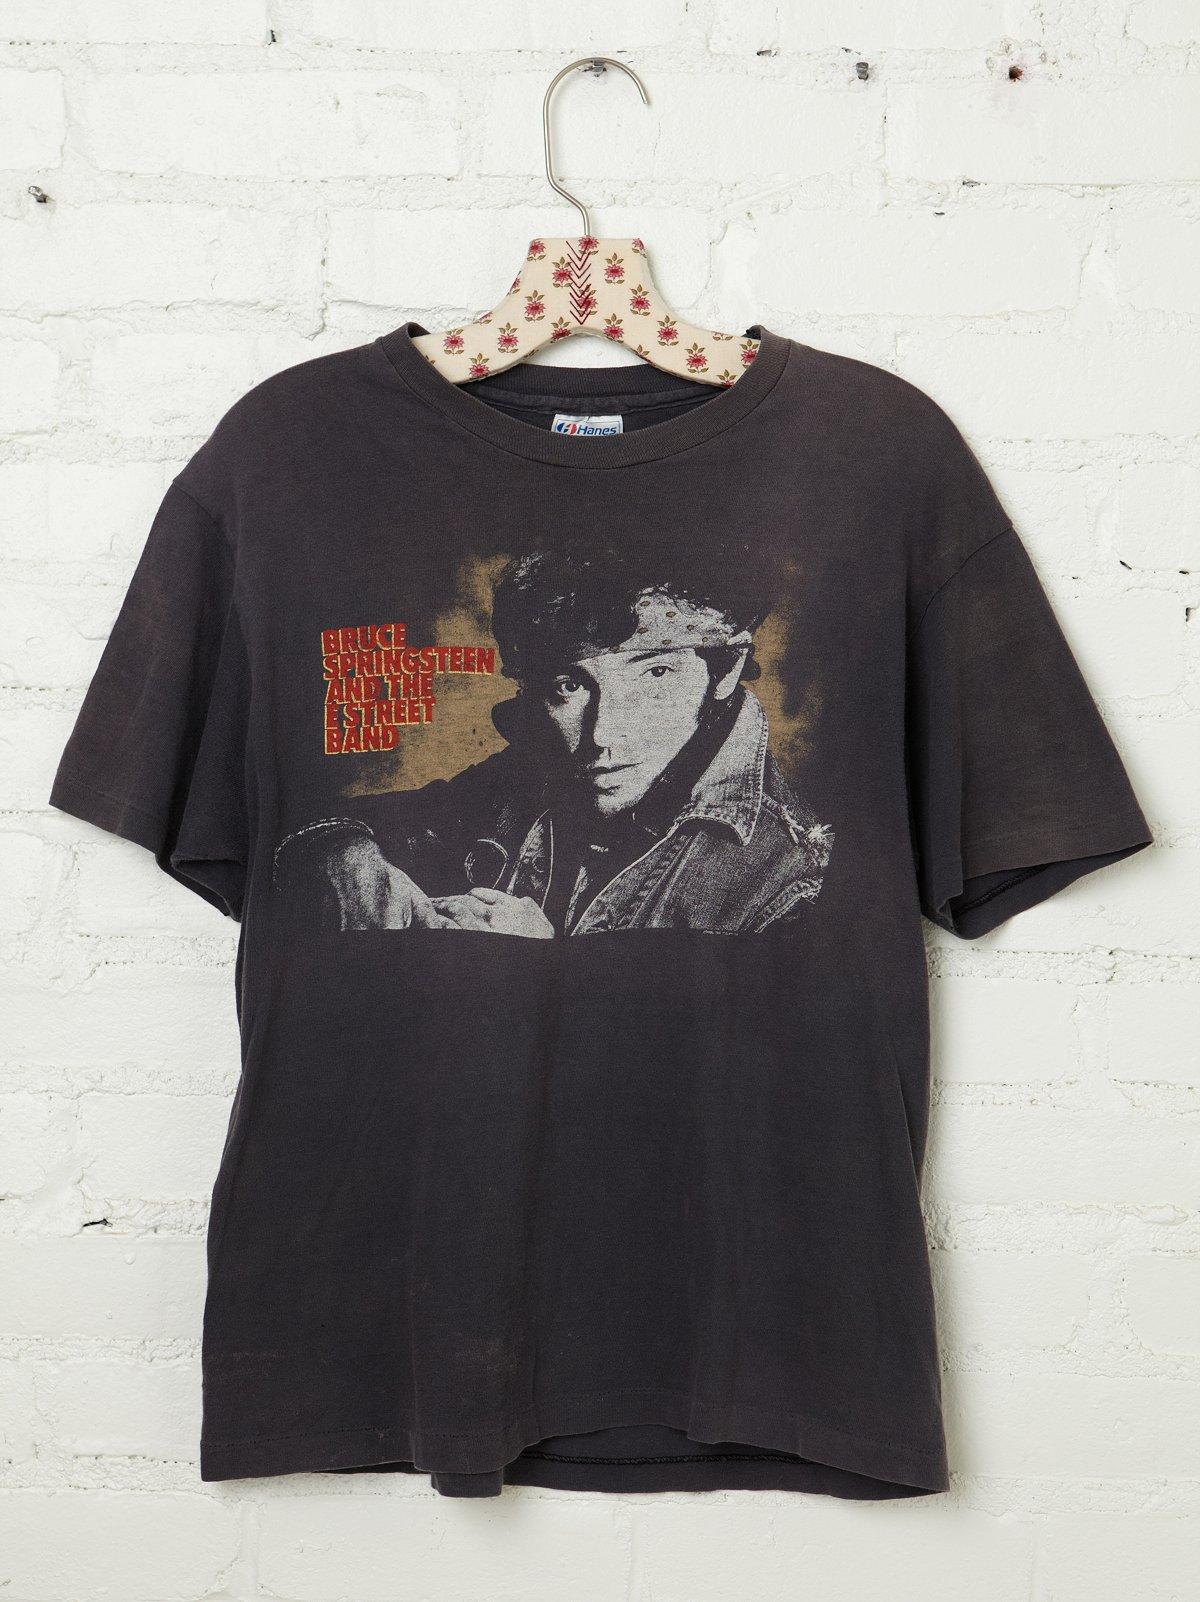 Vintage 1984 Bruce Springsteen Tee